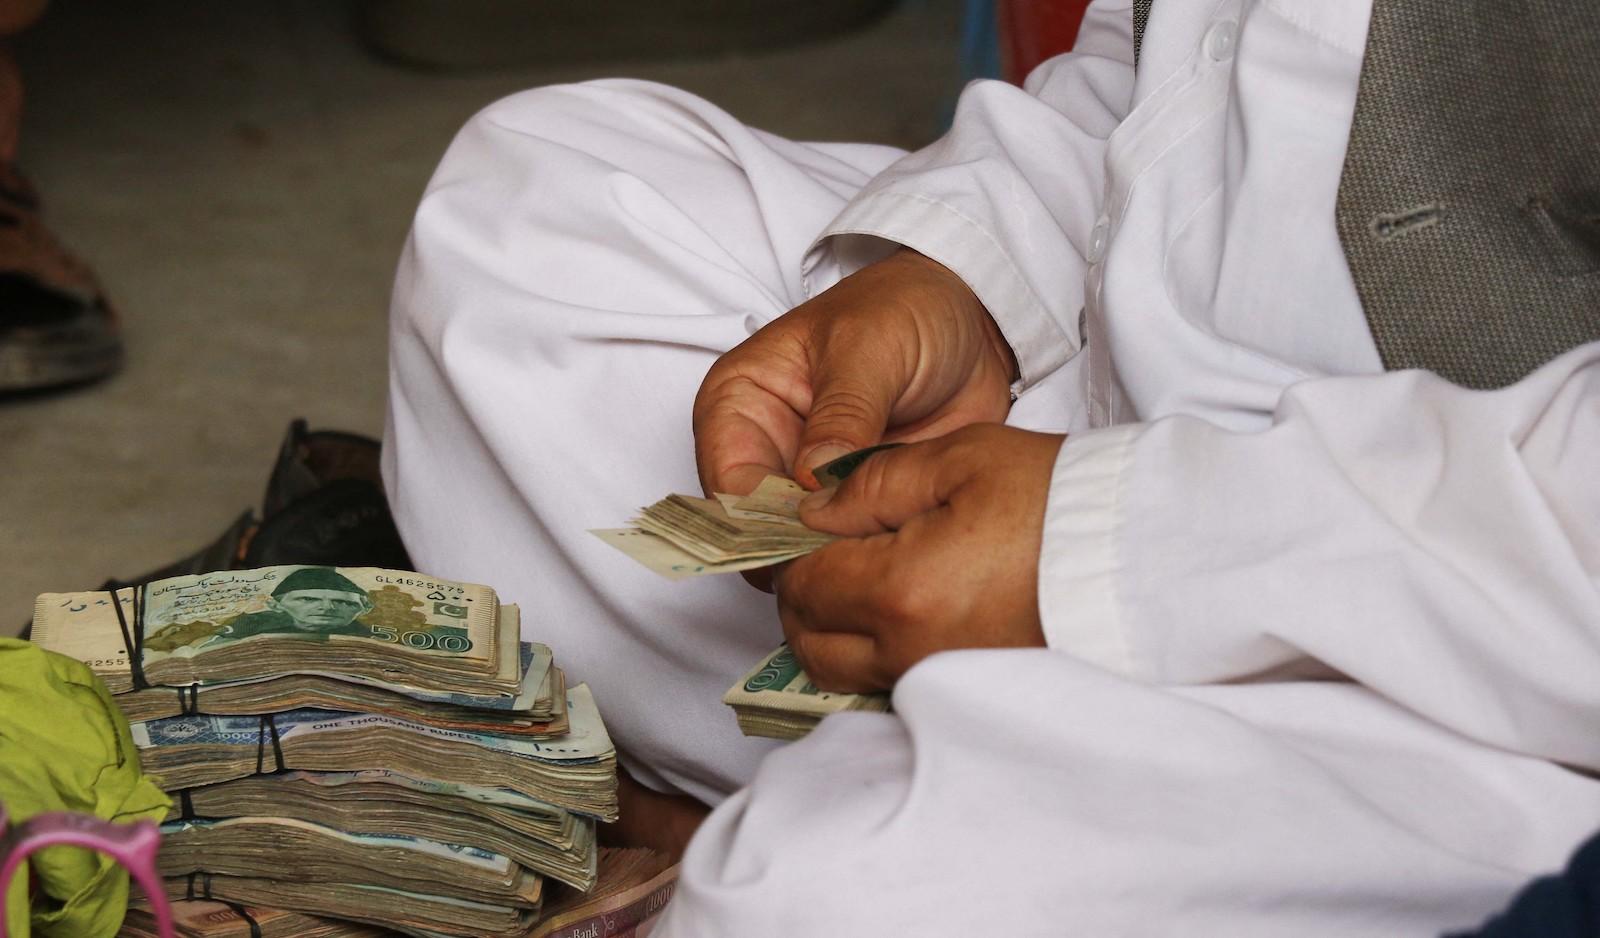 16 年 2021 月 XNUMX 日,阿富汗货币贬值导致交易商受到重创,导致阿富汗喀布尔的食品价格上涨,一名阿富汗货币兑换商正在数钱。照片:法新社通过 Anadolu Agency / Haroon Sabawoon